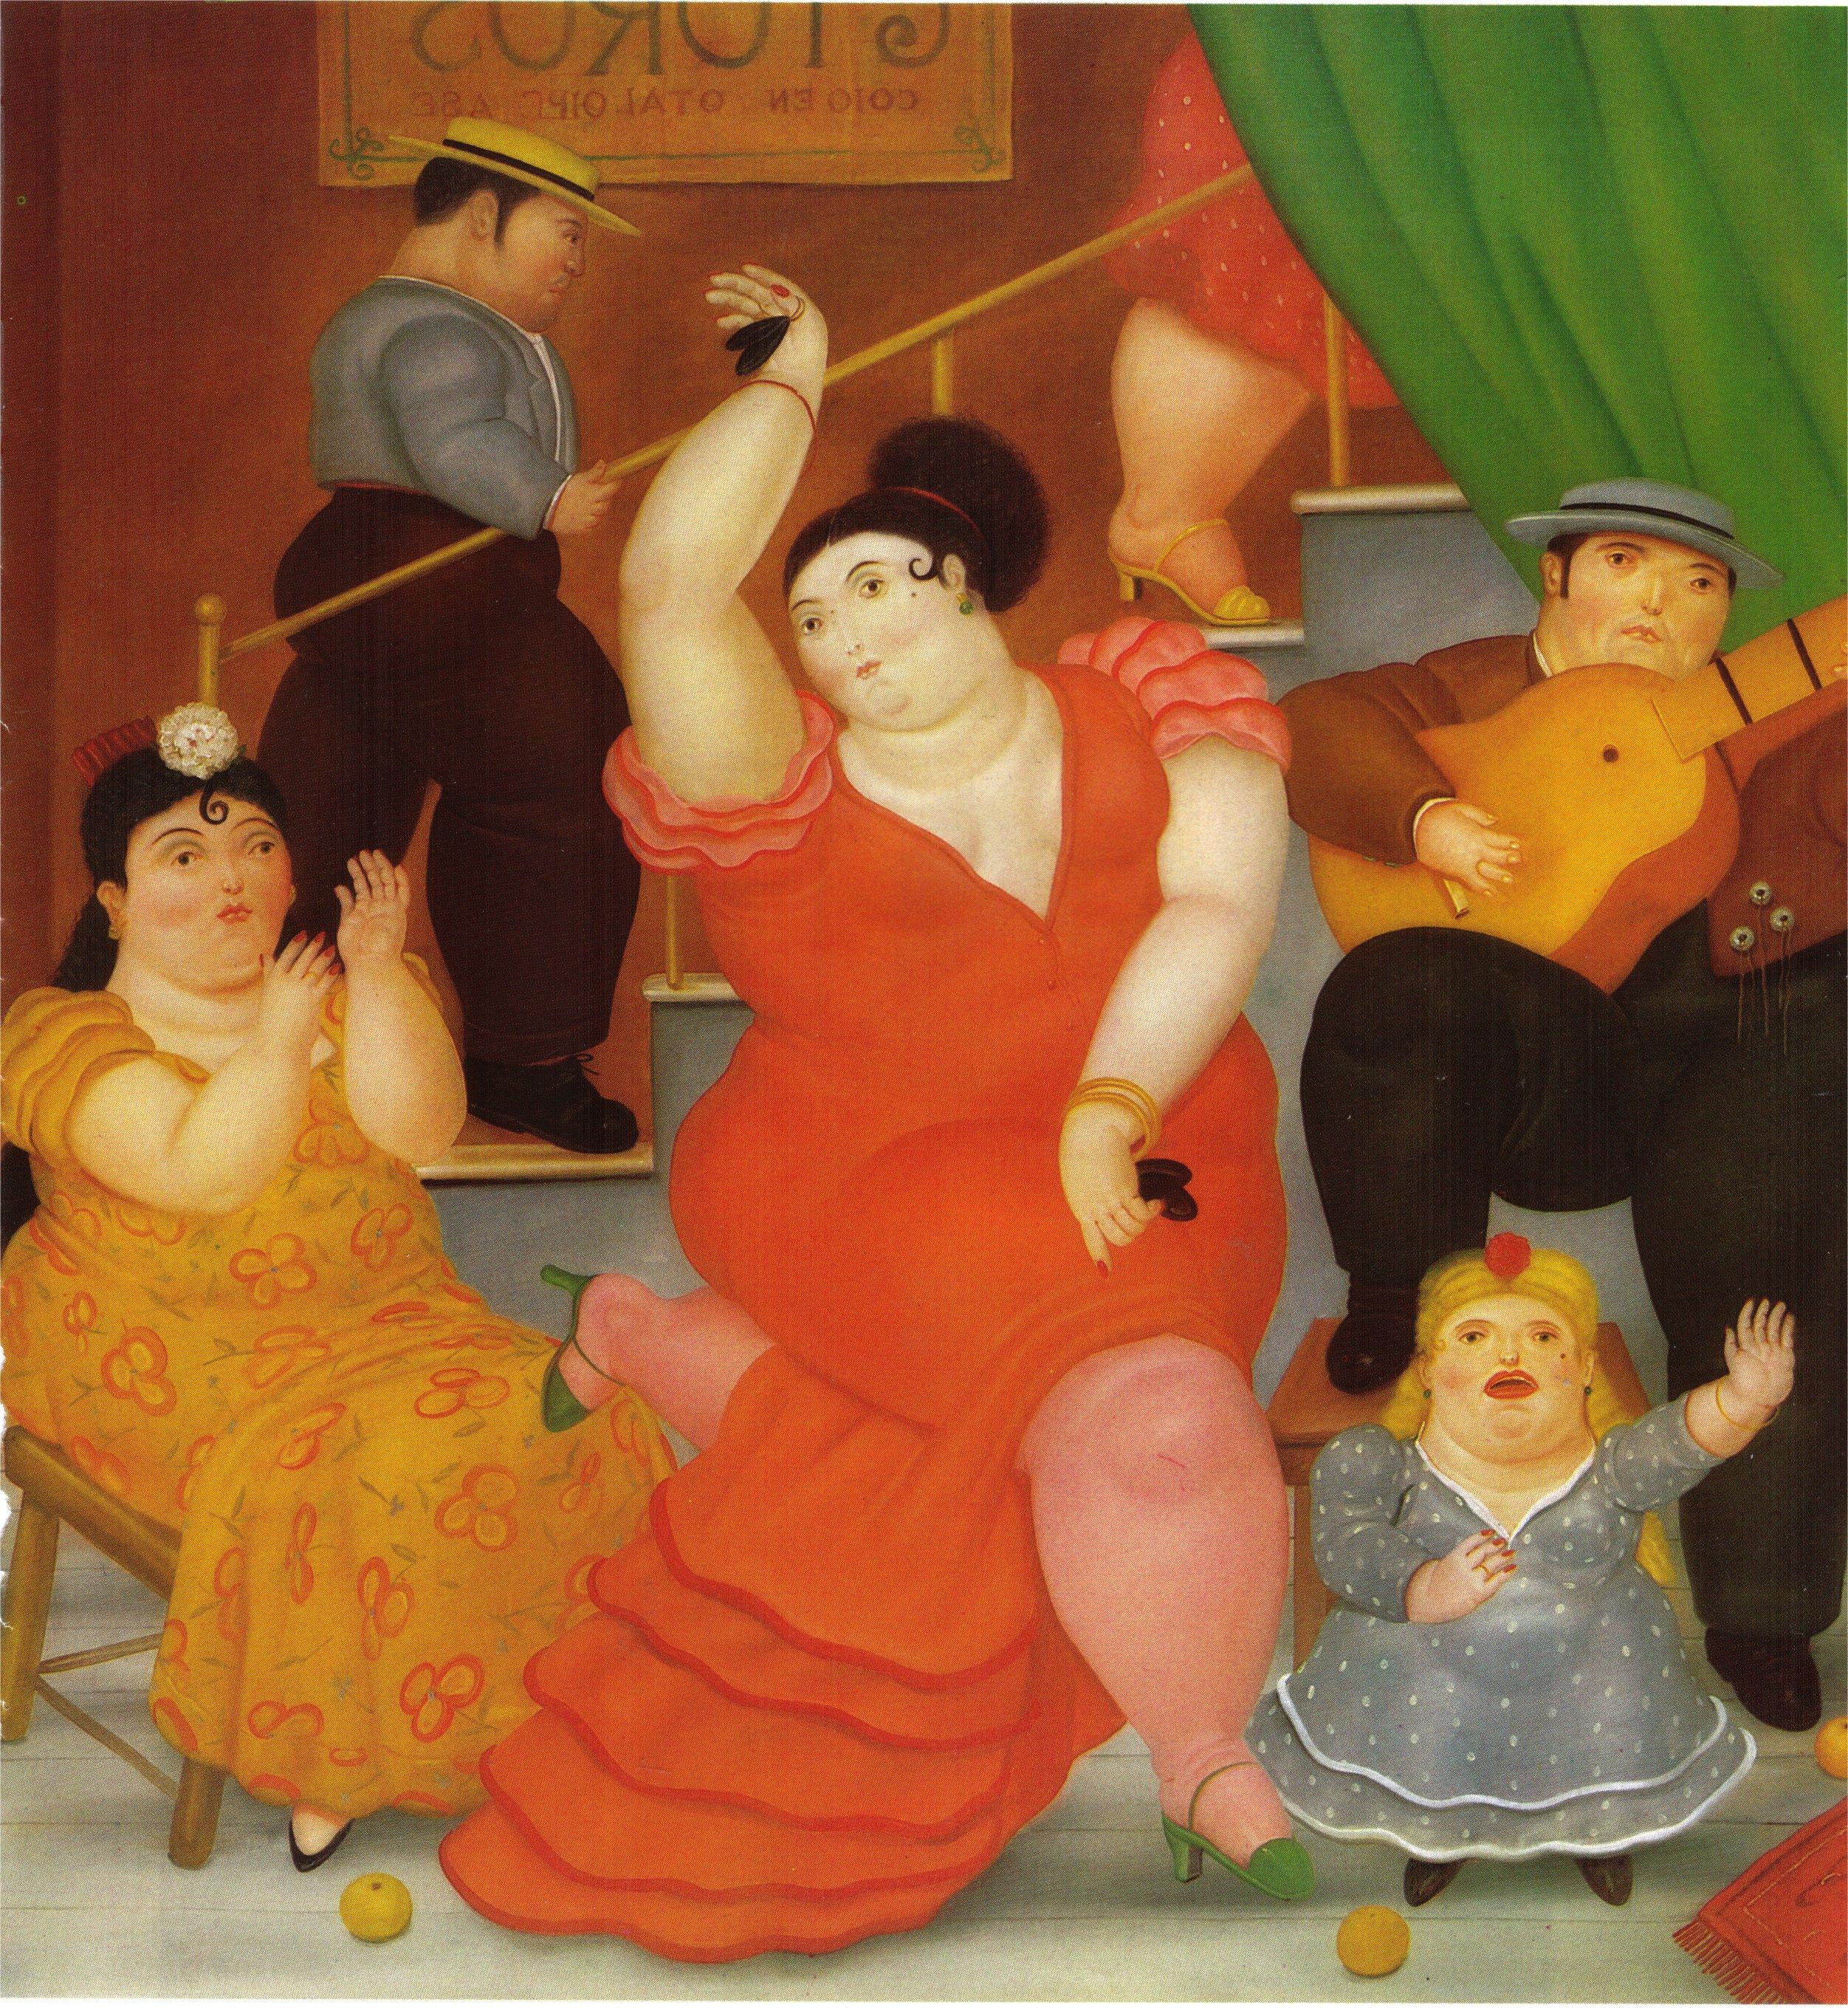 Bien-aimé Flamenco, 1984 - Fernando Botero - WikiArt.org WH63